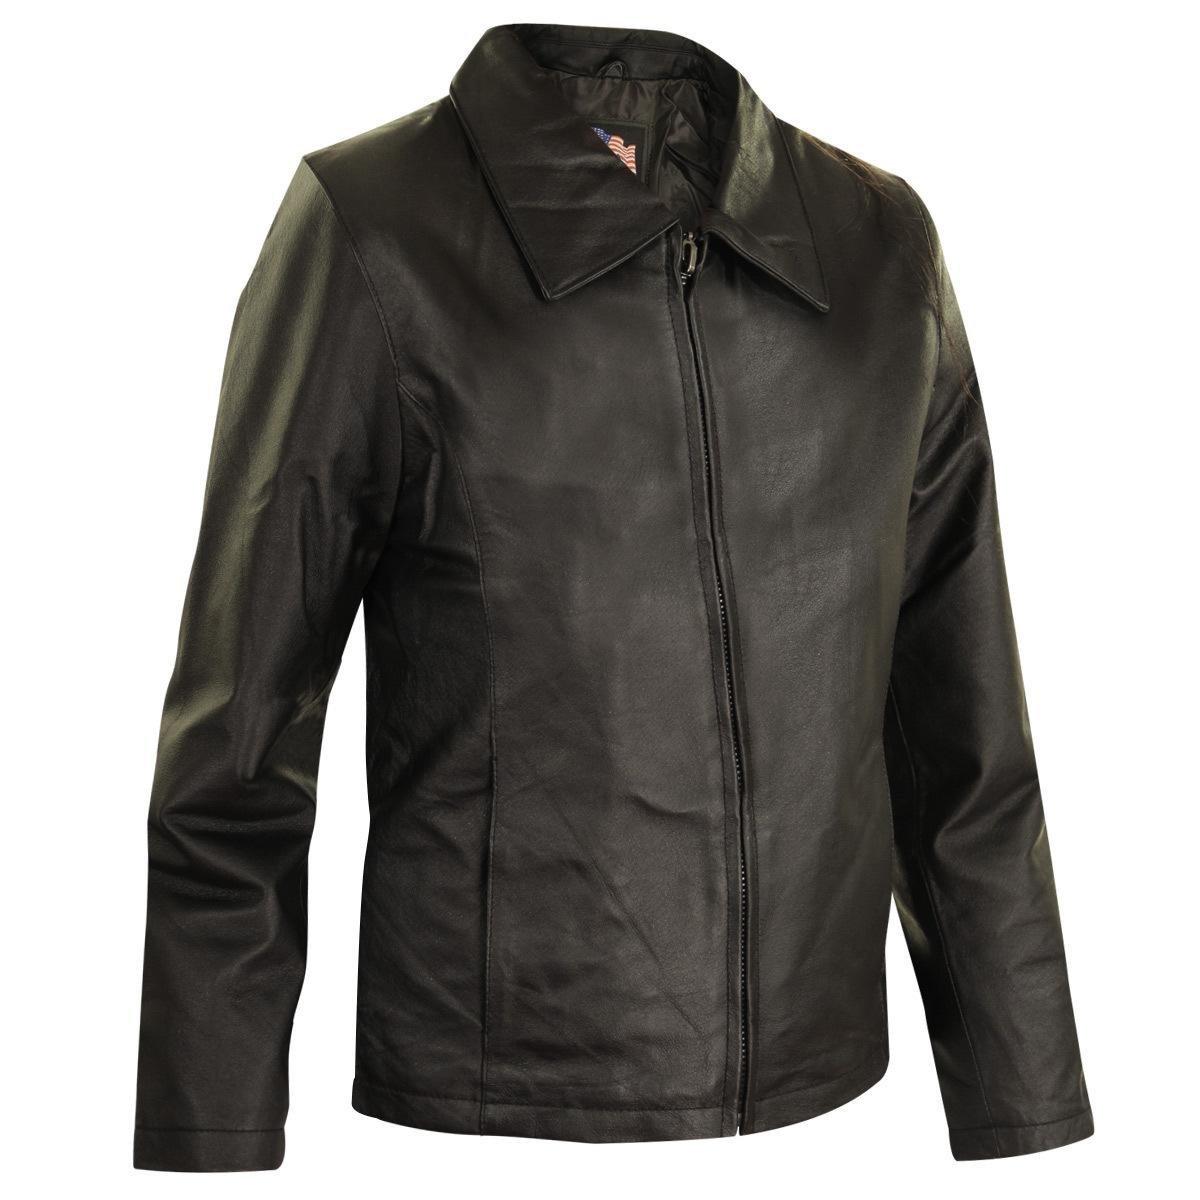 USA Leather Womens Black Leather Jacket - 2X-Large